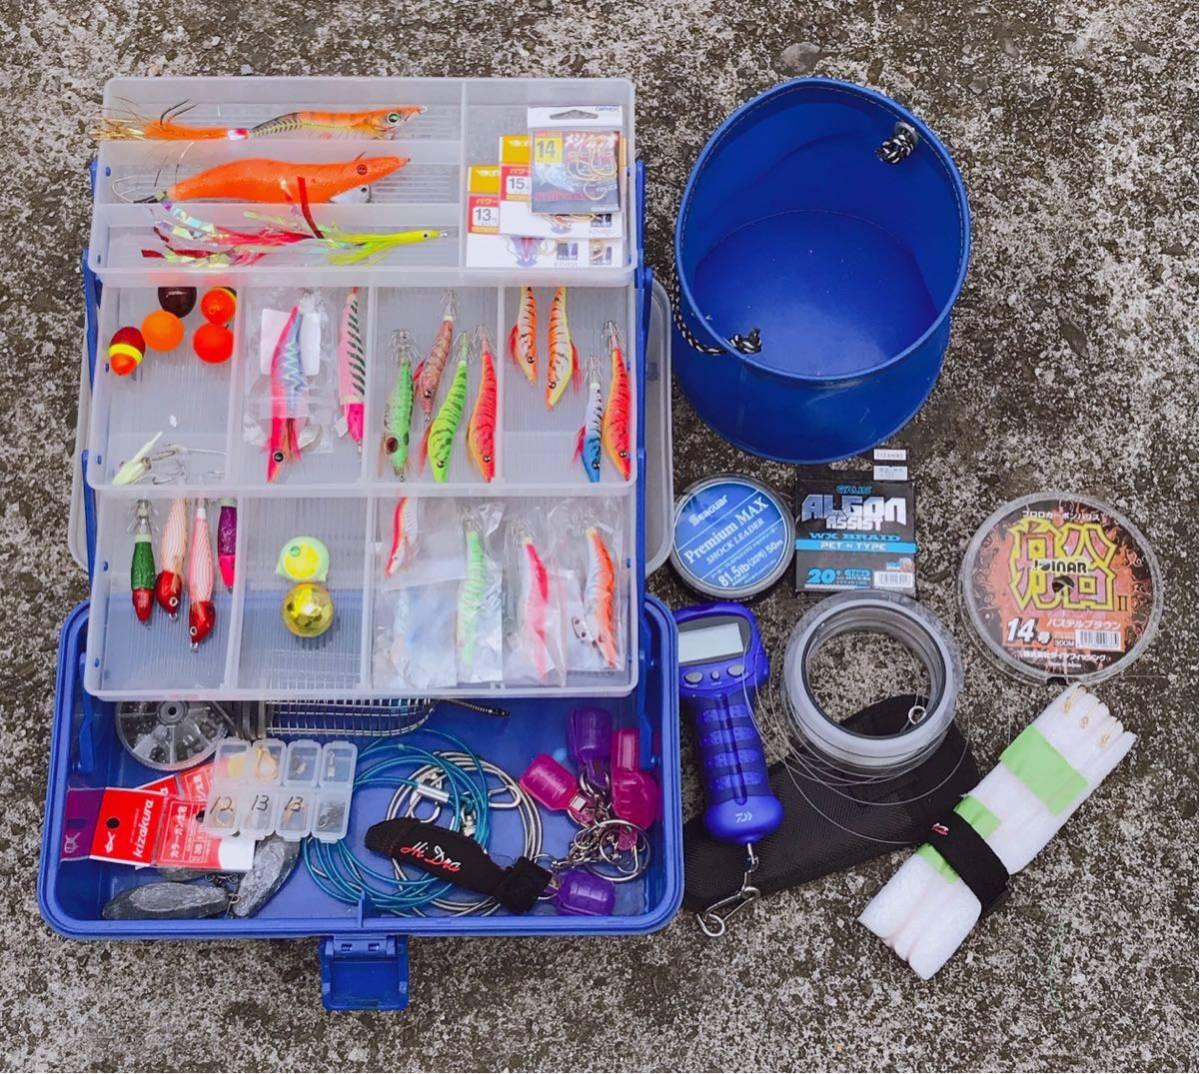 1円 海釣り 仕掛け いろいろ セット 鉛スッテ タコエギ ハリスなど 画像参照